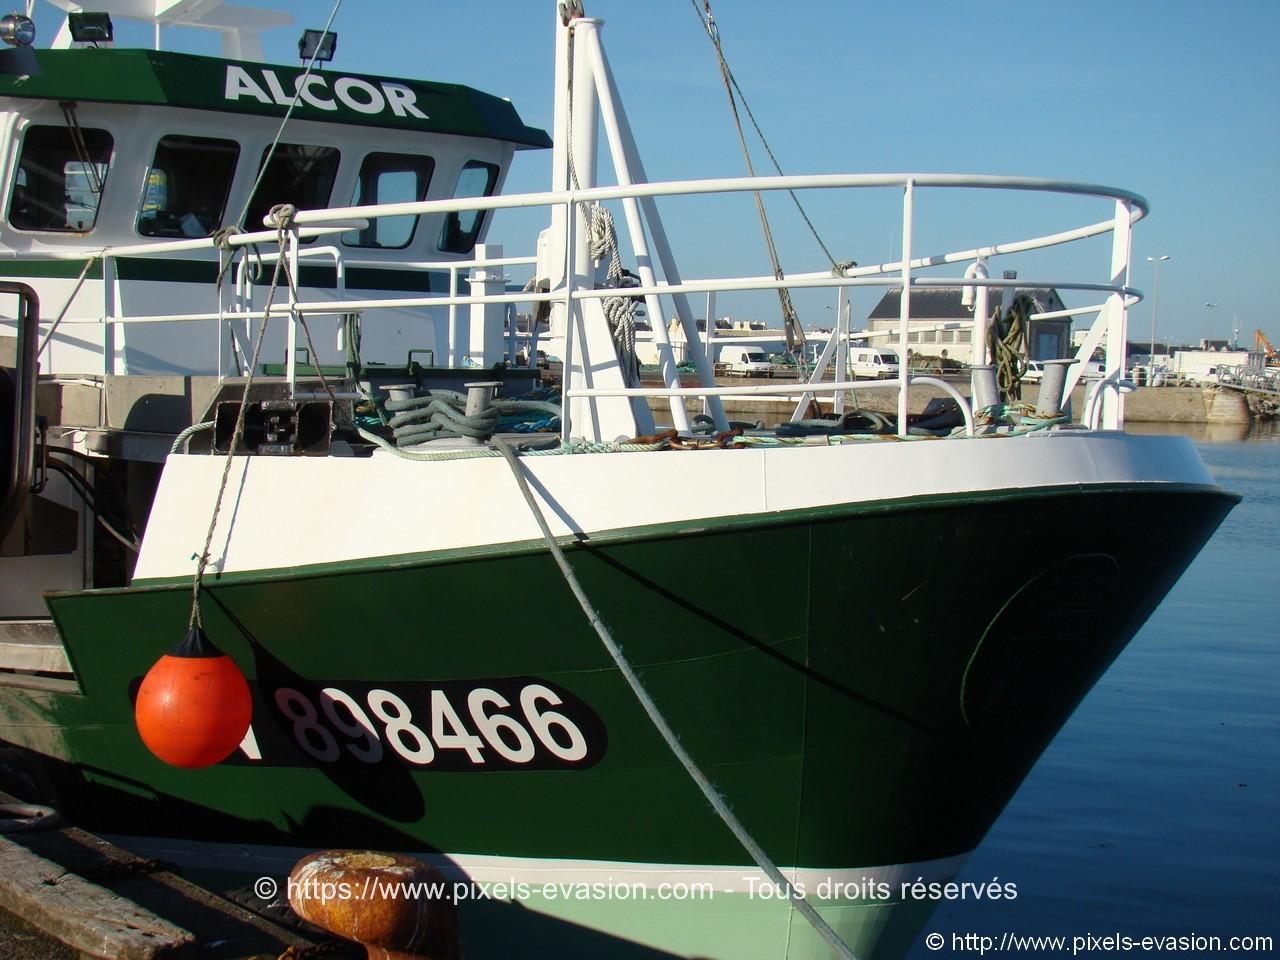 Alcor GV 898466